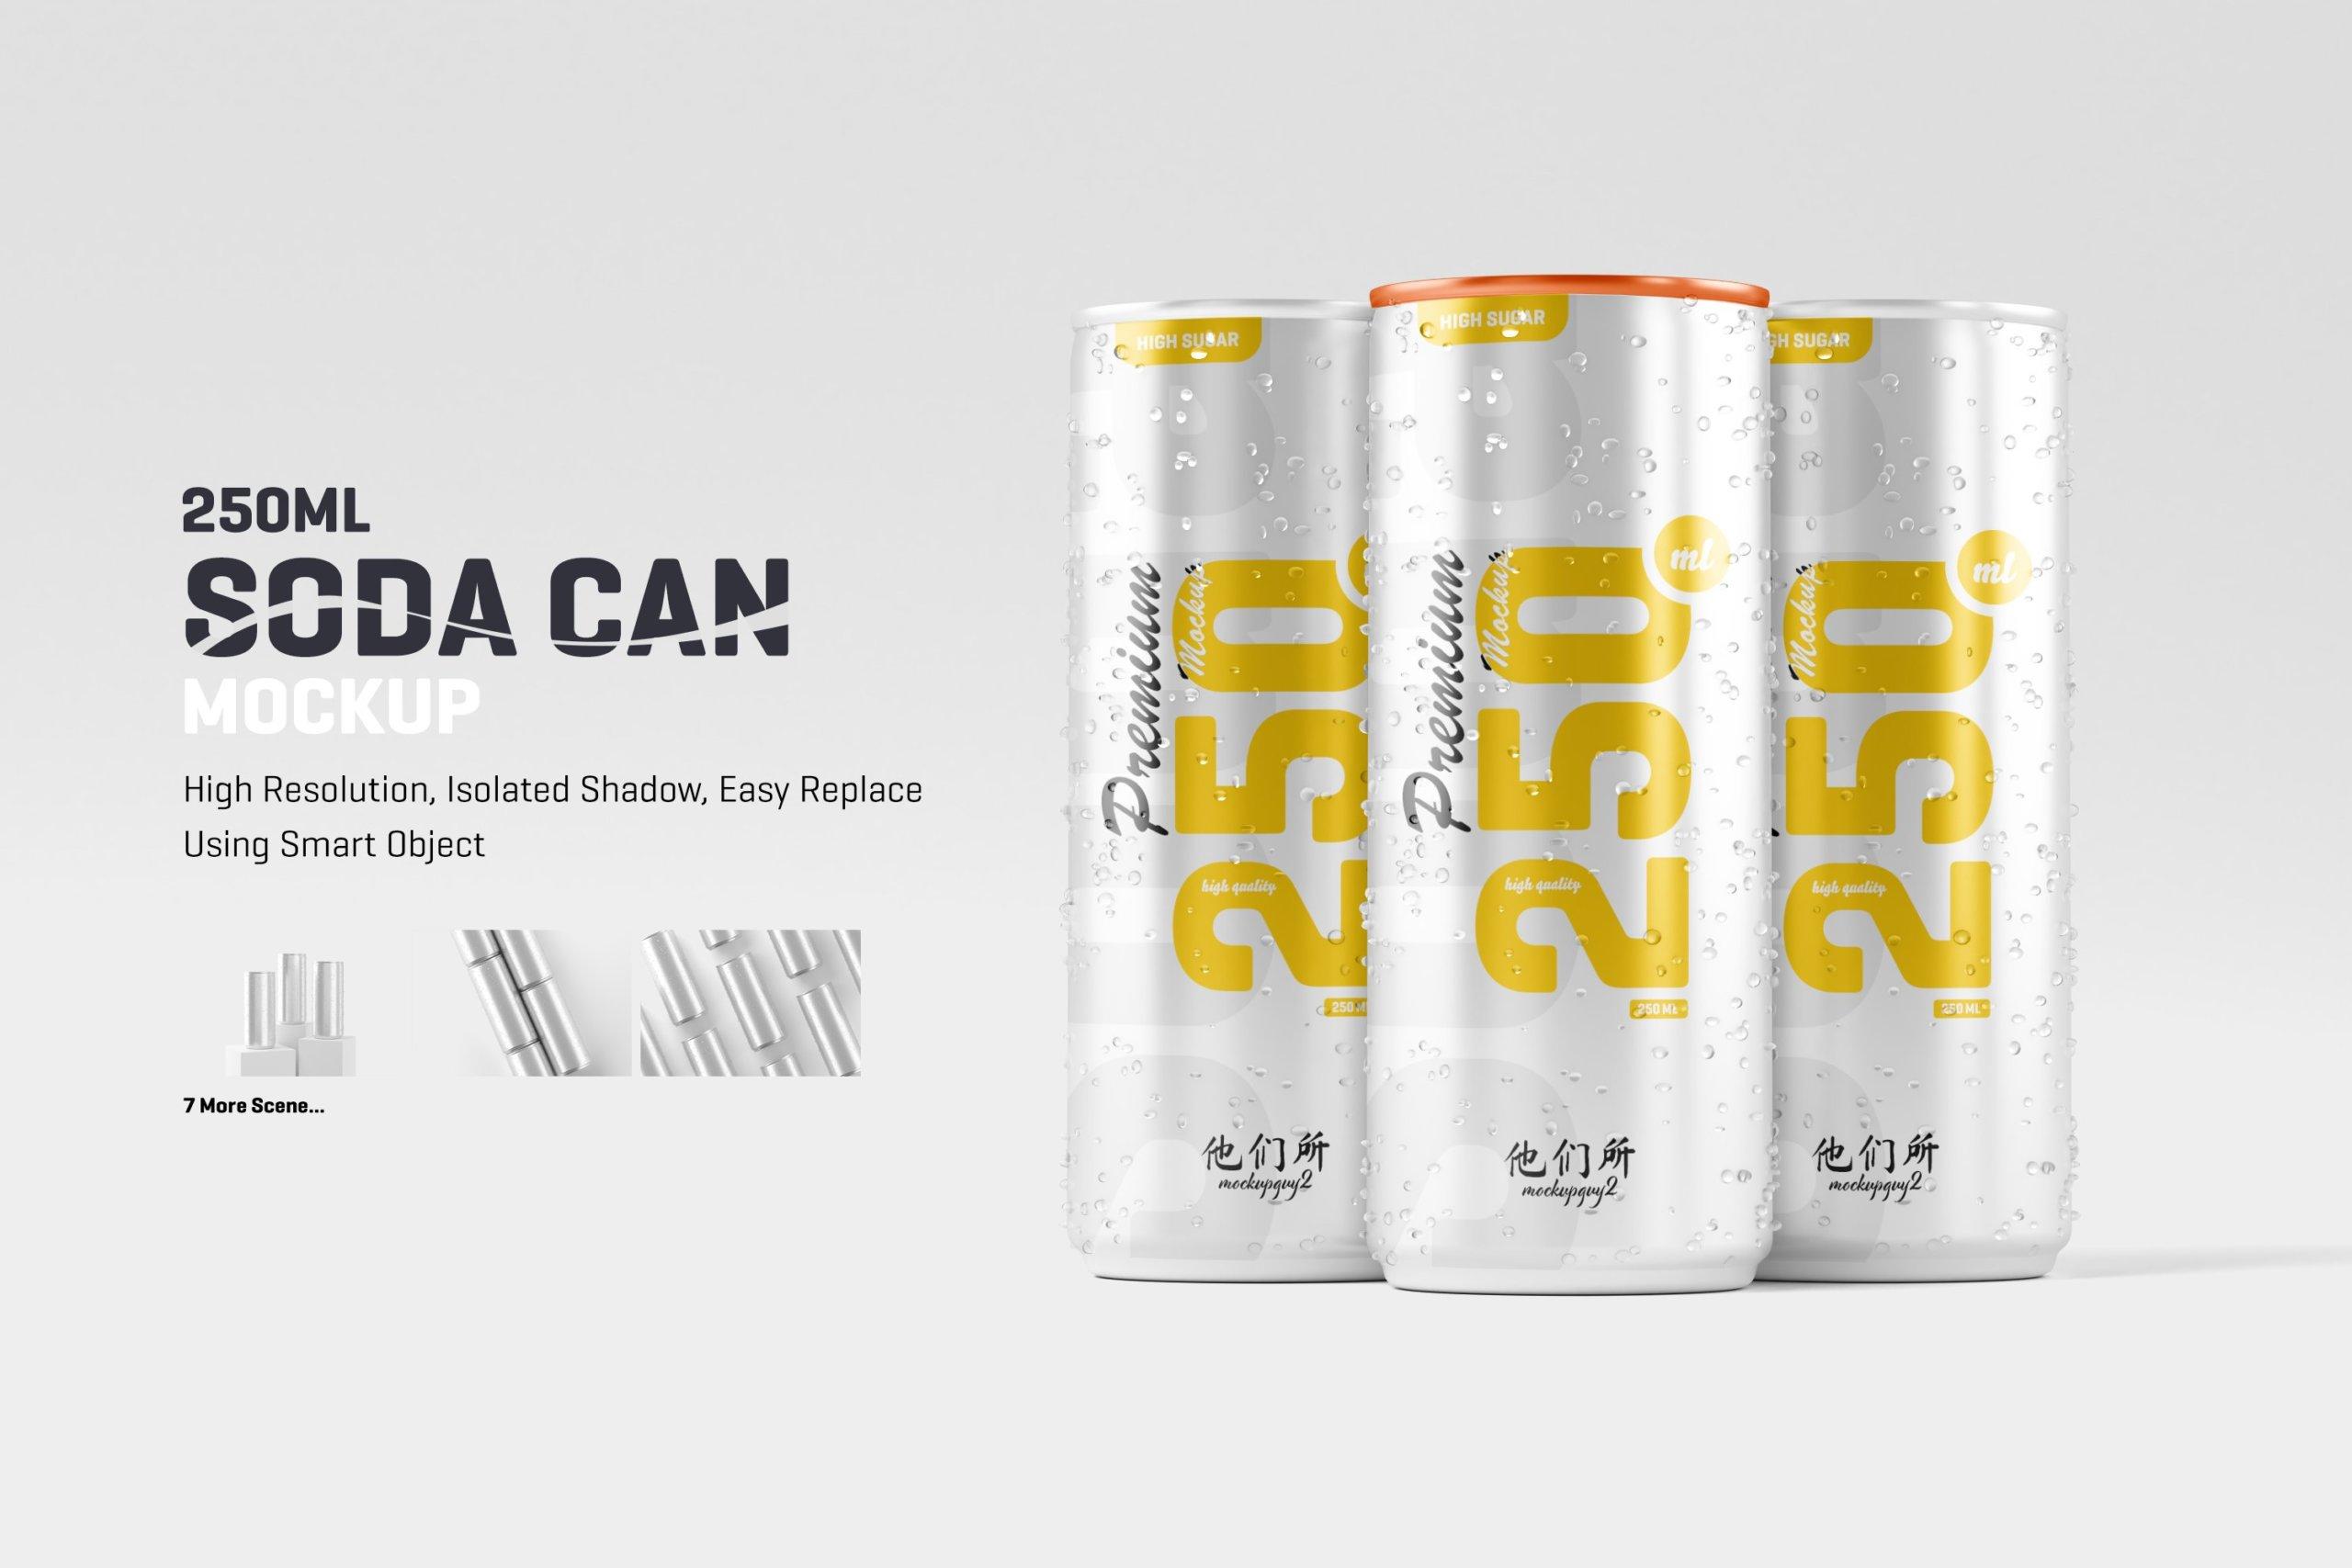 10款250ml啤酒饮料苏打水锡罐易拉罐设计展示样机 250ml Soda Can Mockup插图